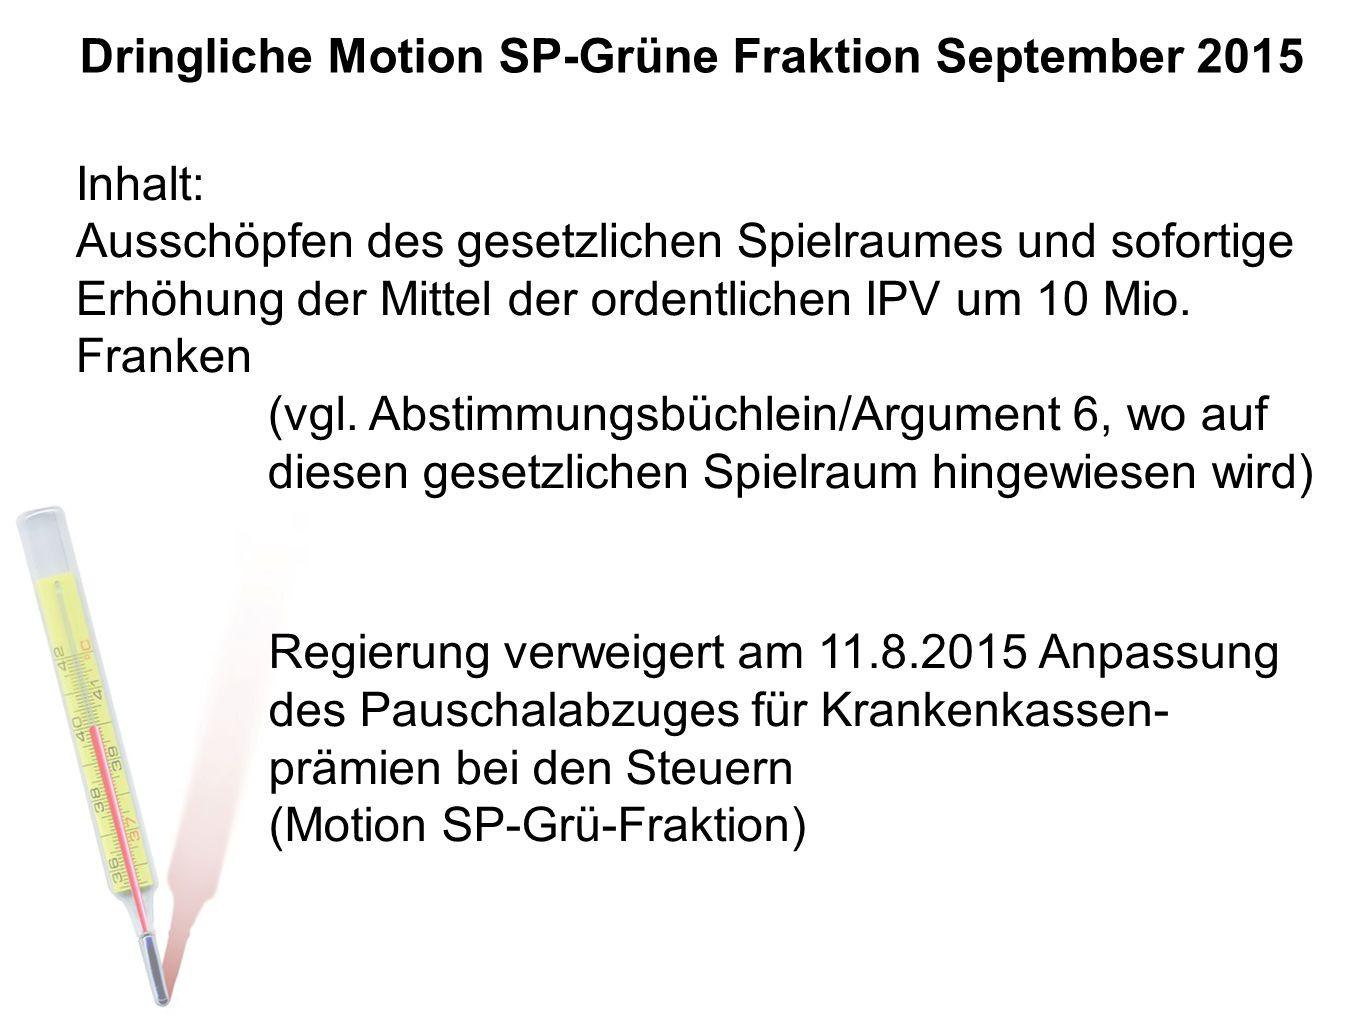 Dringliche Motion SP-Grüne Fraktion September 2015 Inhalt: Ausschöpfen des gesetzlichen Spielraumes und sofortige Erhöhung der Mittel der ordentlichen